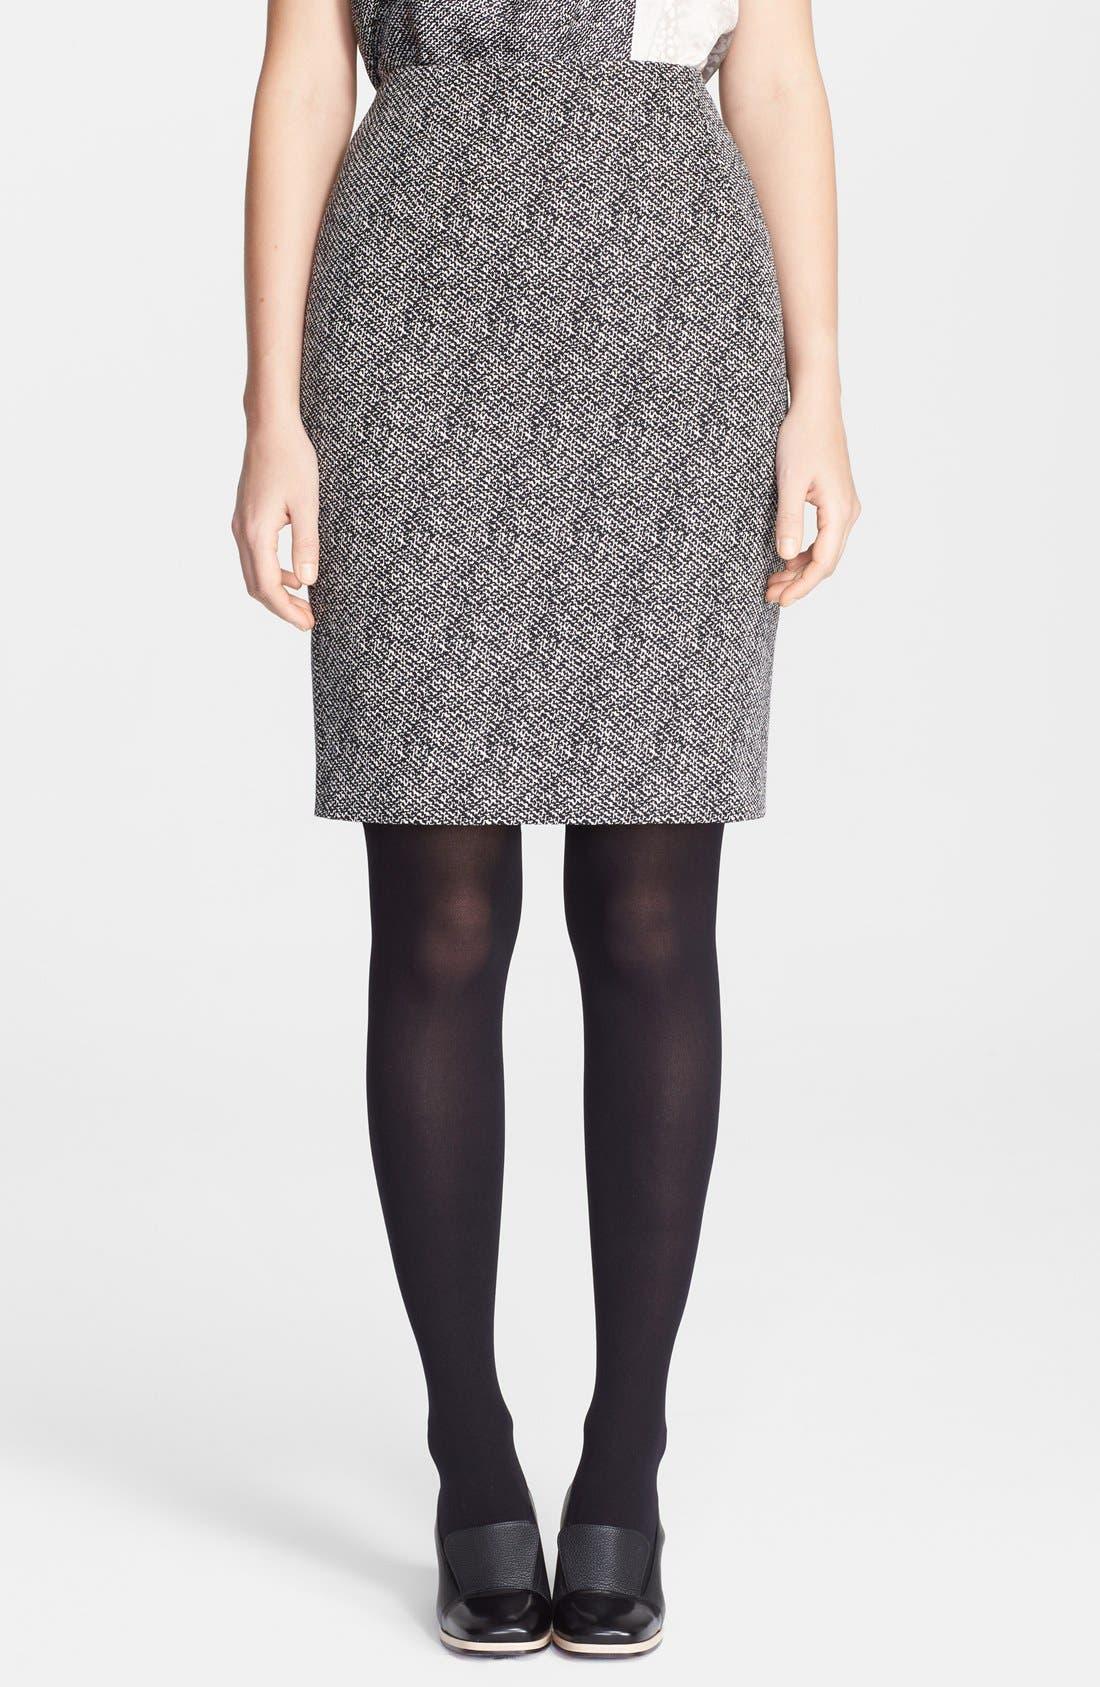 Alternate Image 1 Selected - Max Mara 'Eros' Pencil Skirt